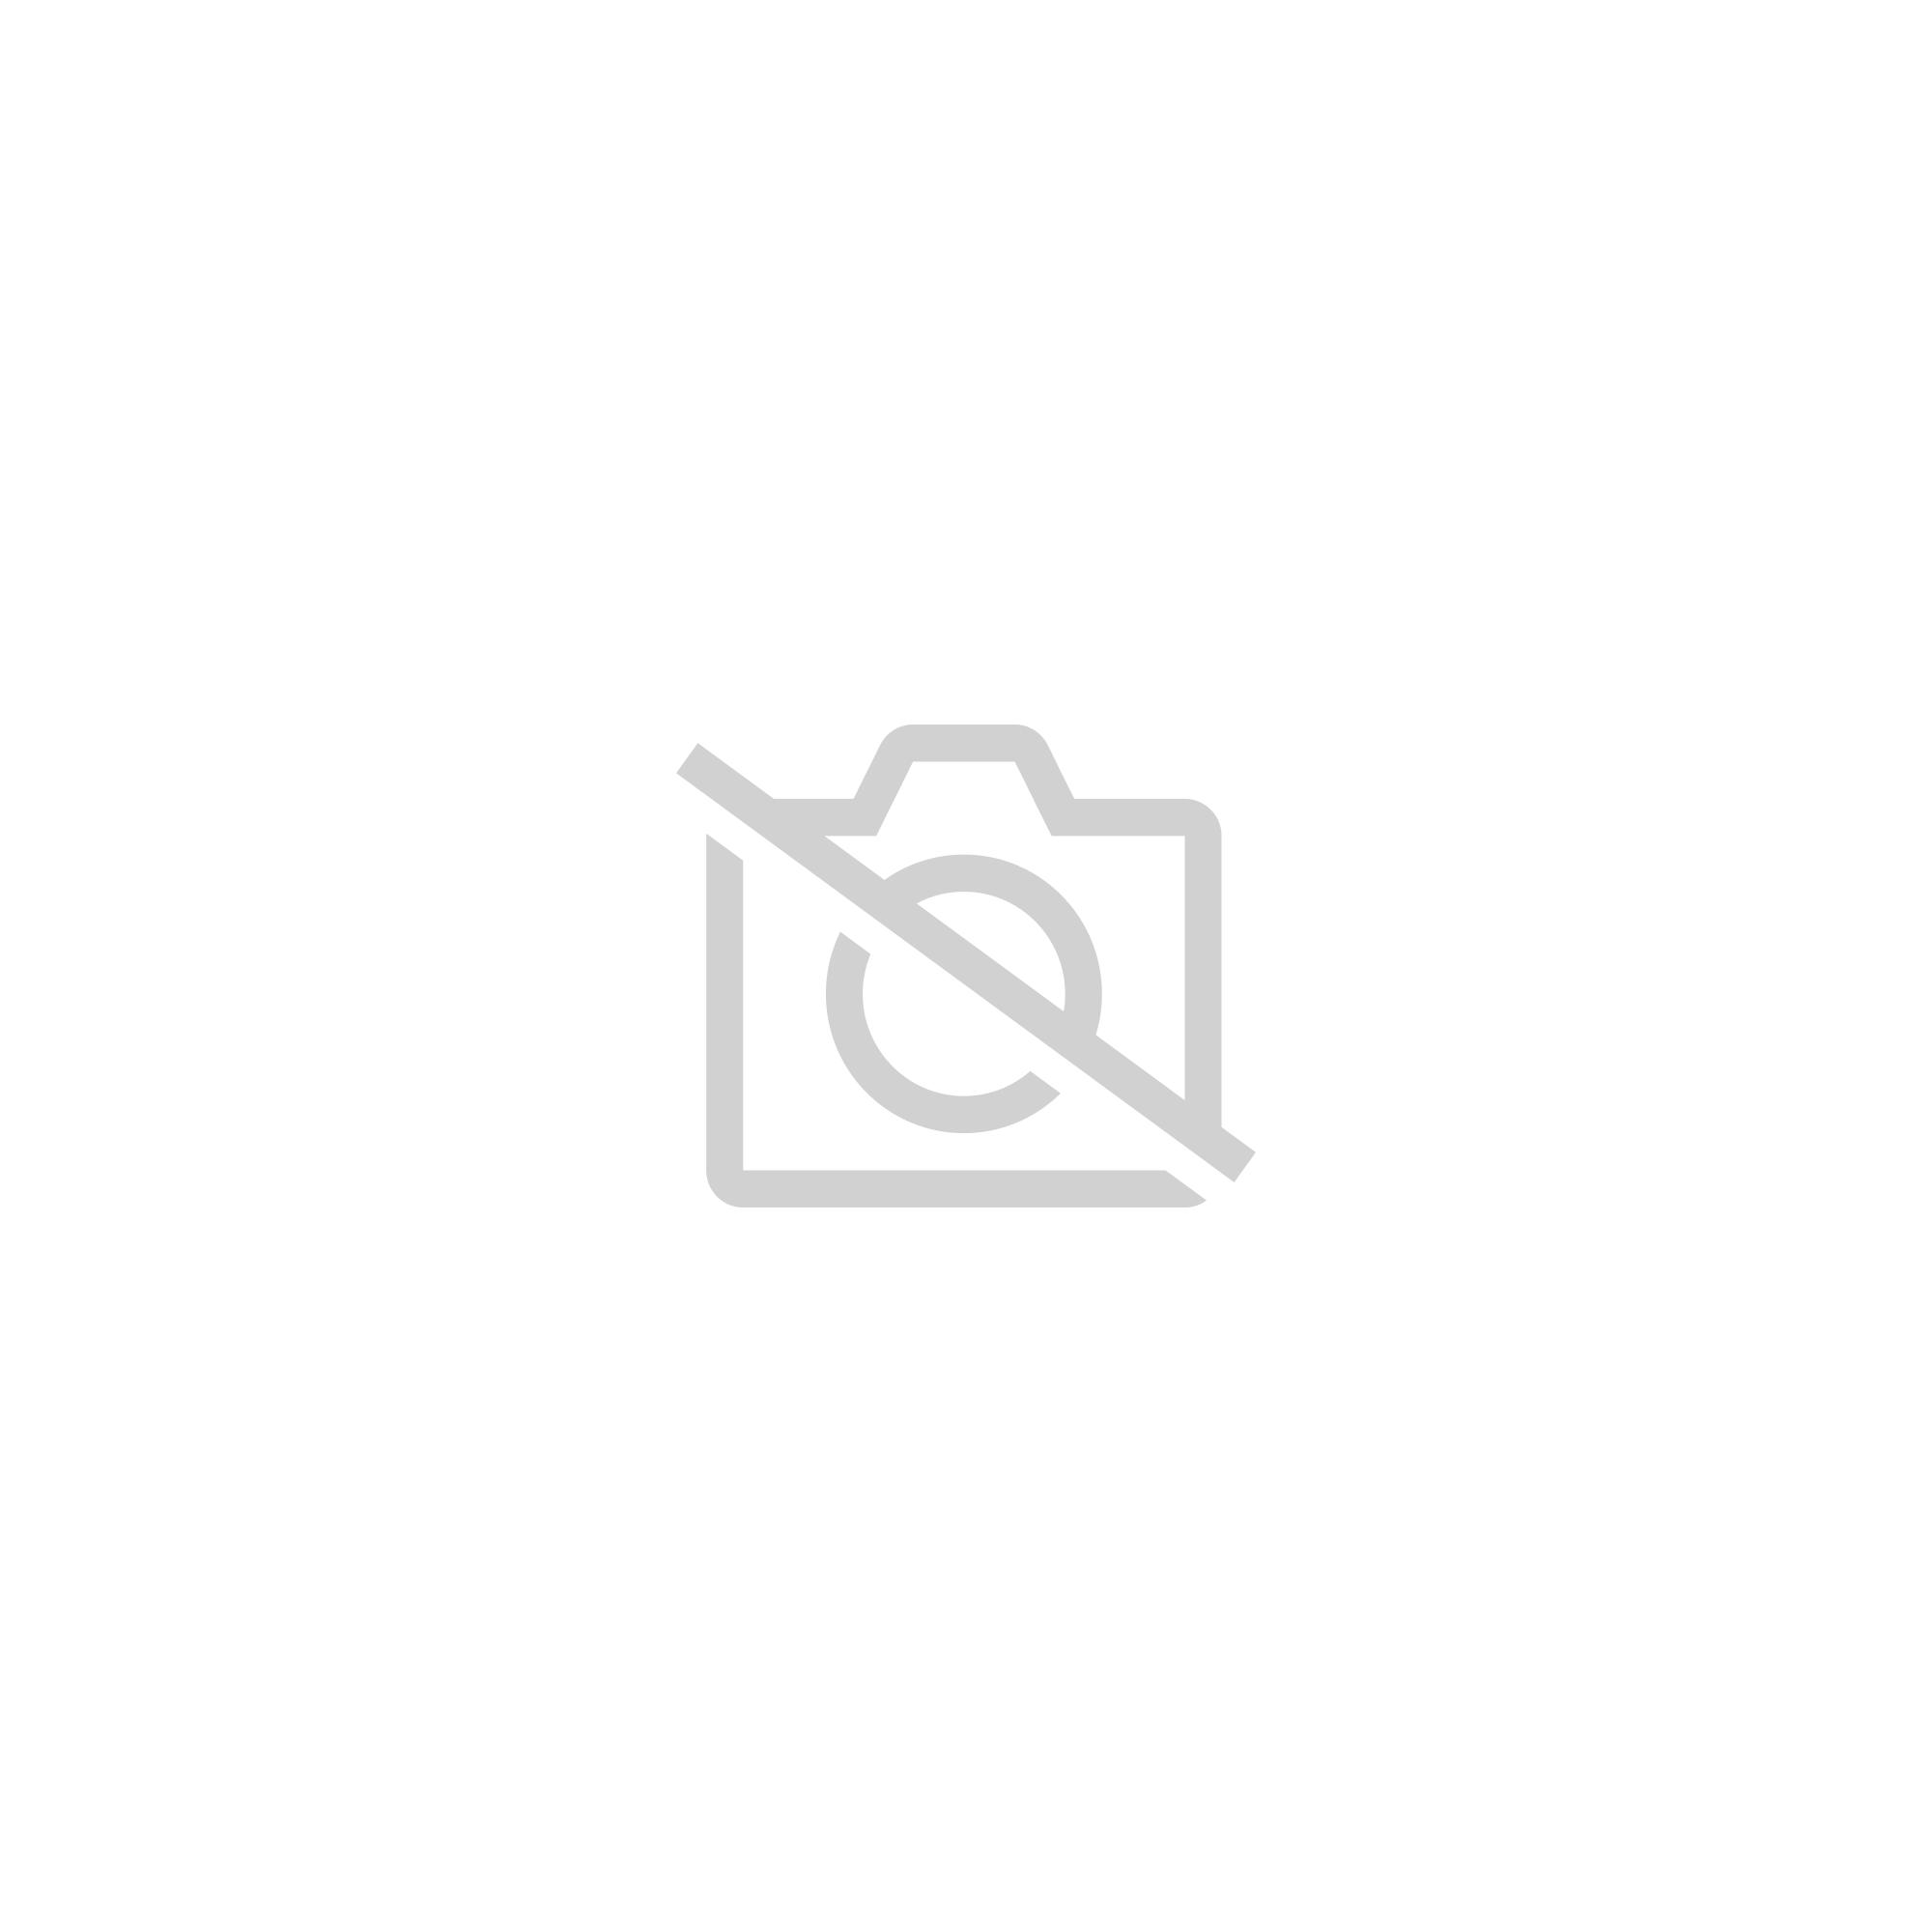 Dbd 6 - Dossier arleston